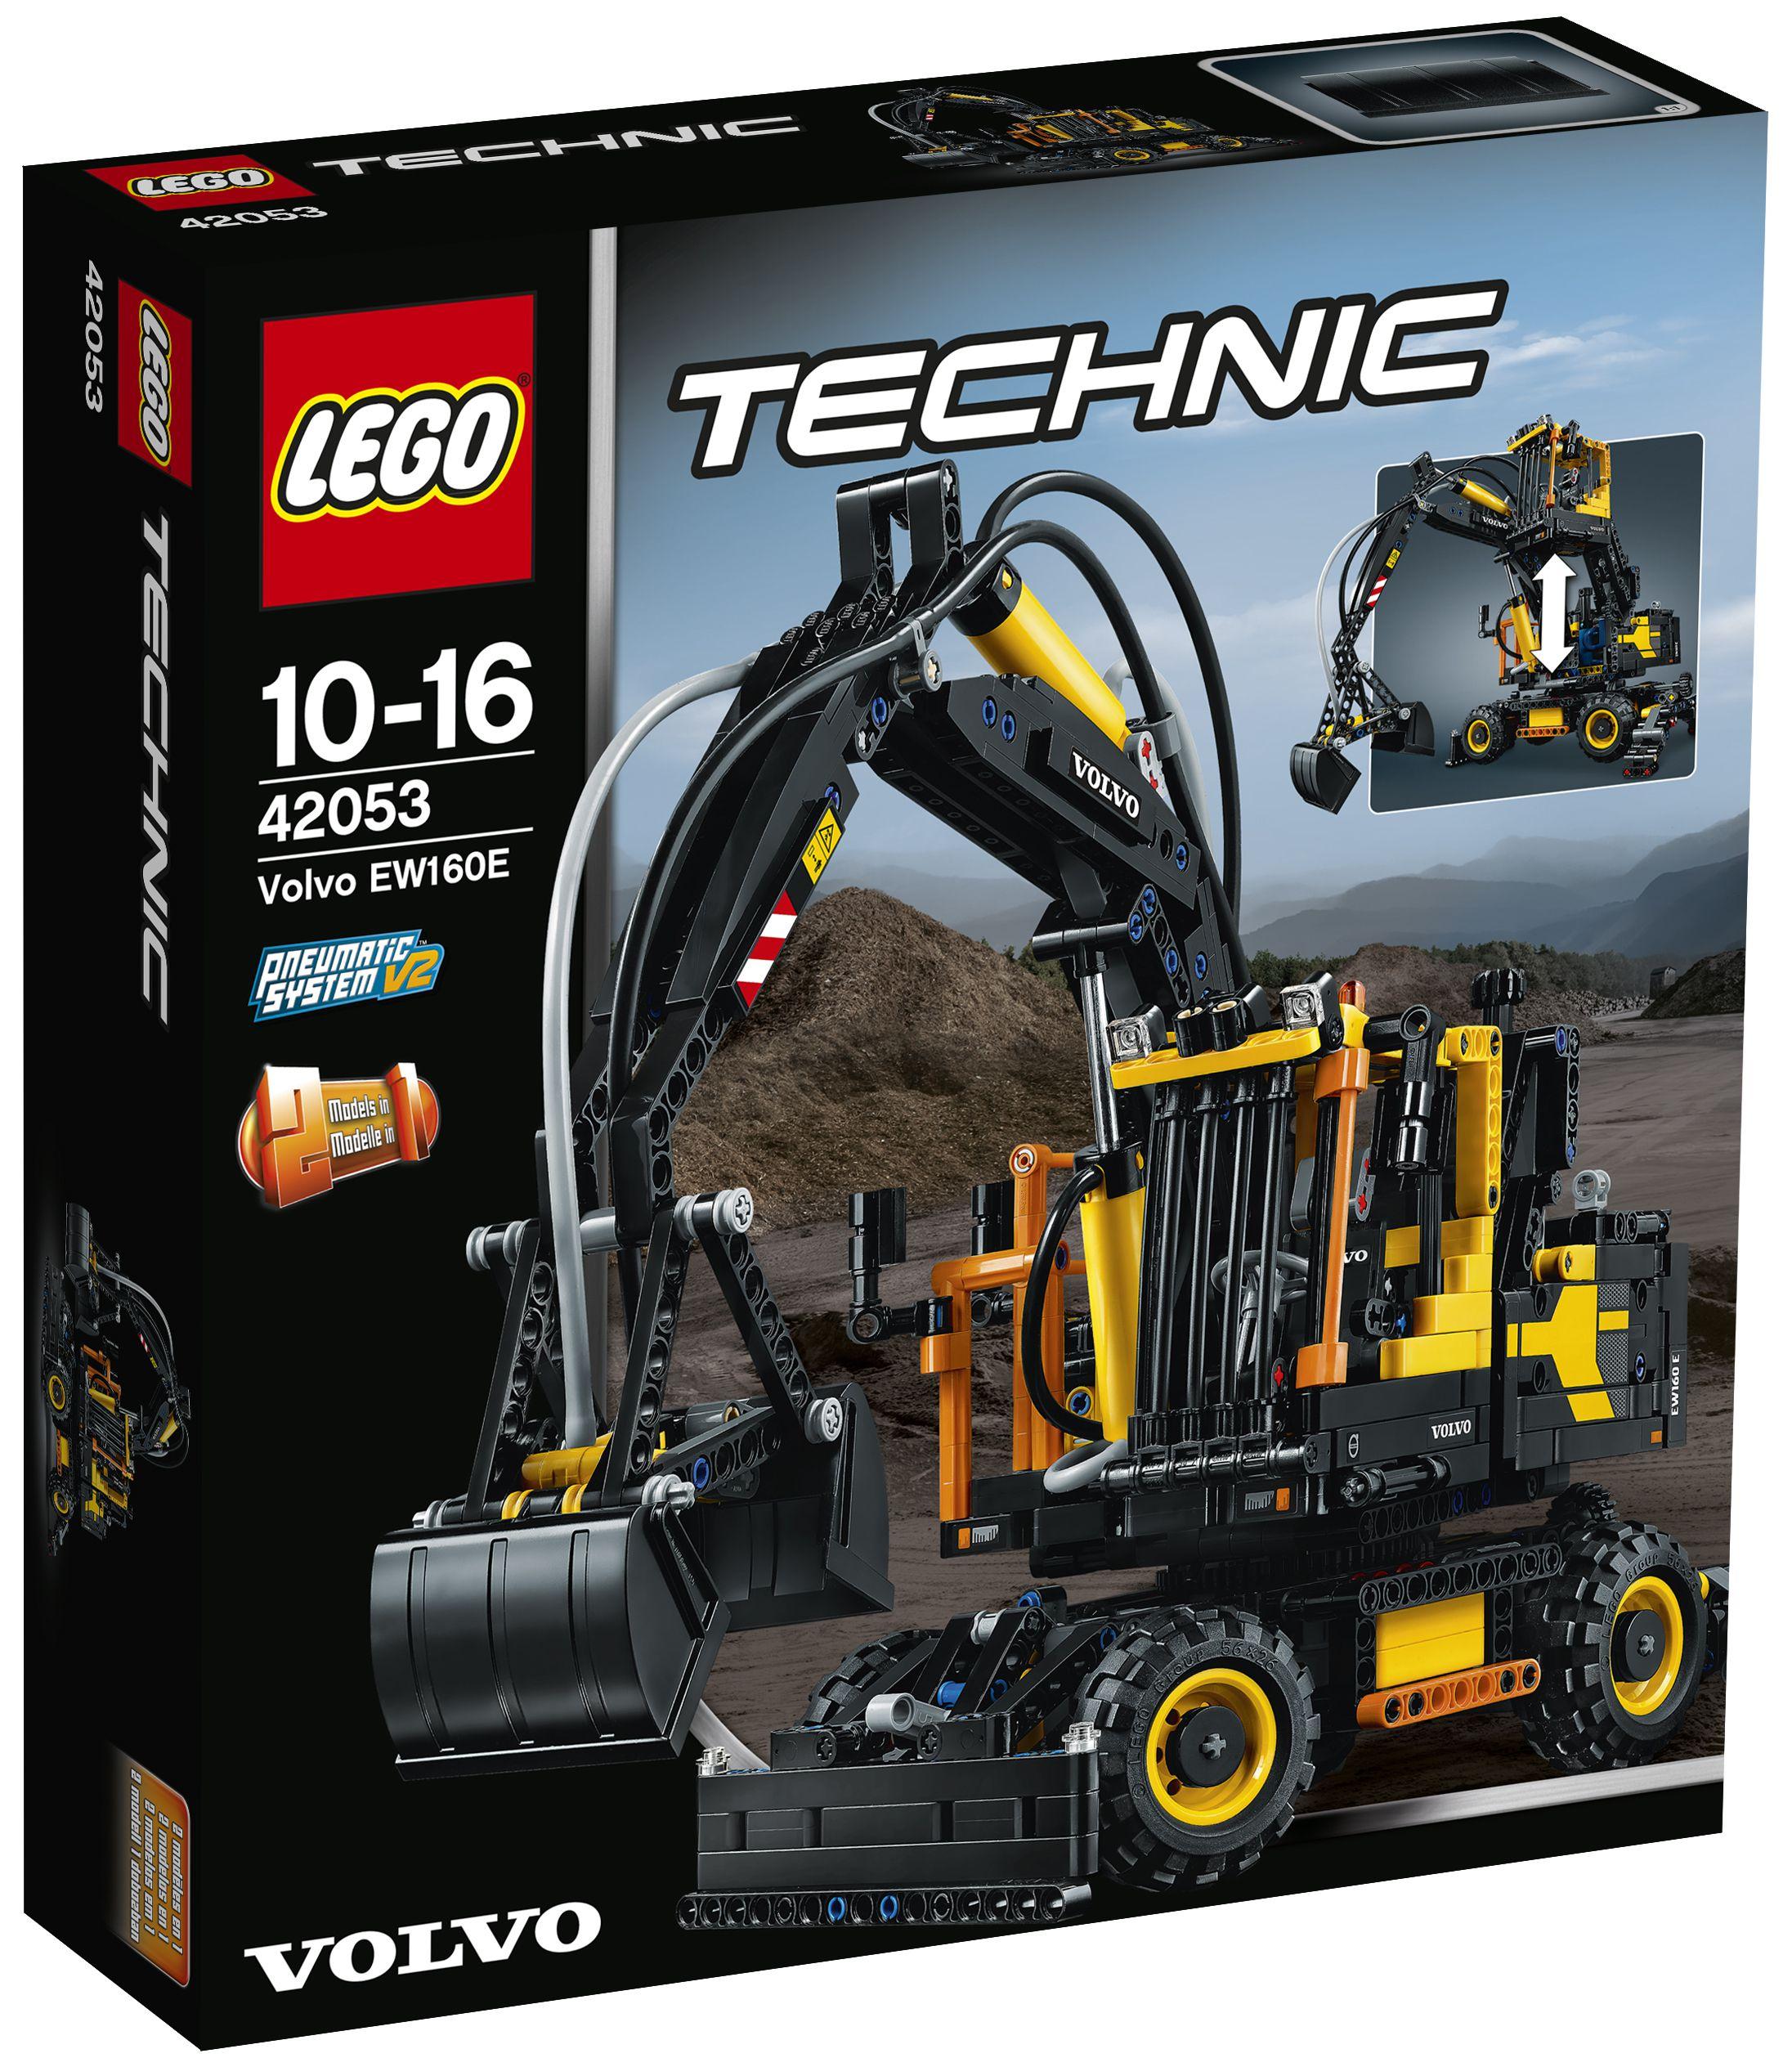 Lego technic 42053 volvo ew160e achat vente - Jeux de construction lego technic ...